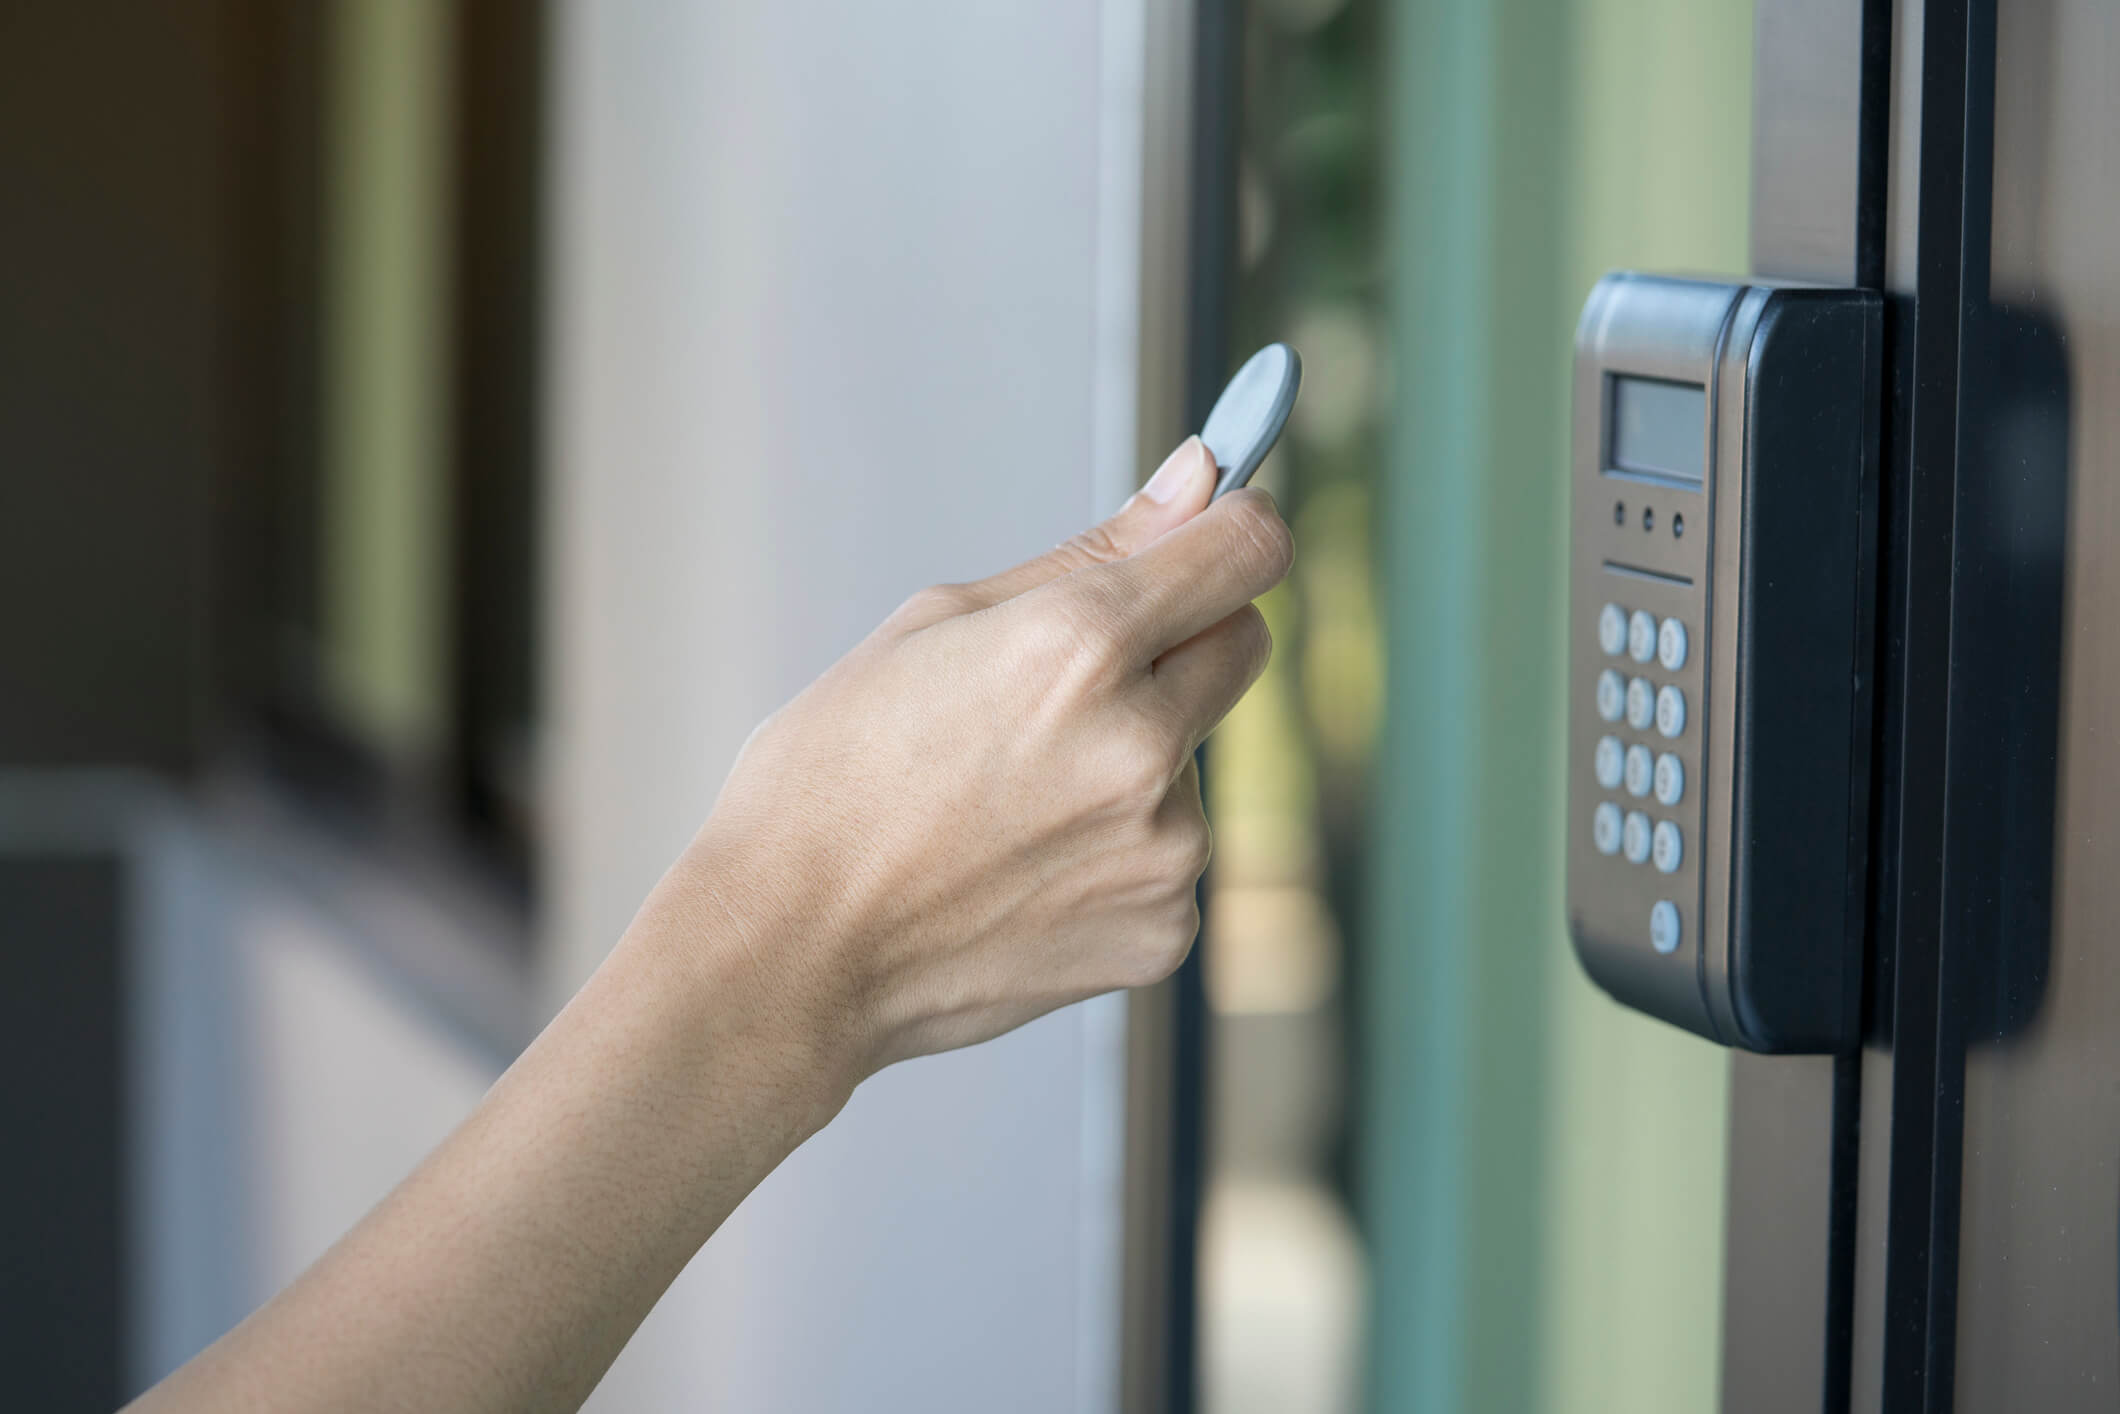 RFID tag key